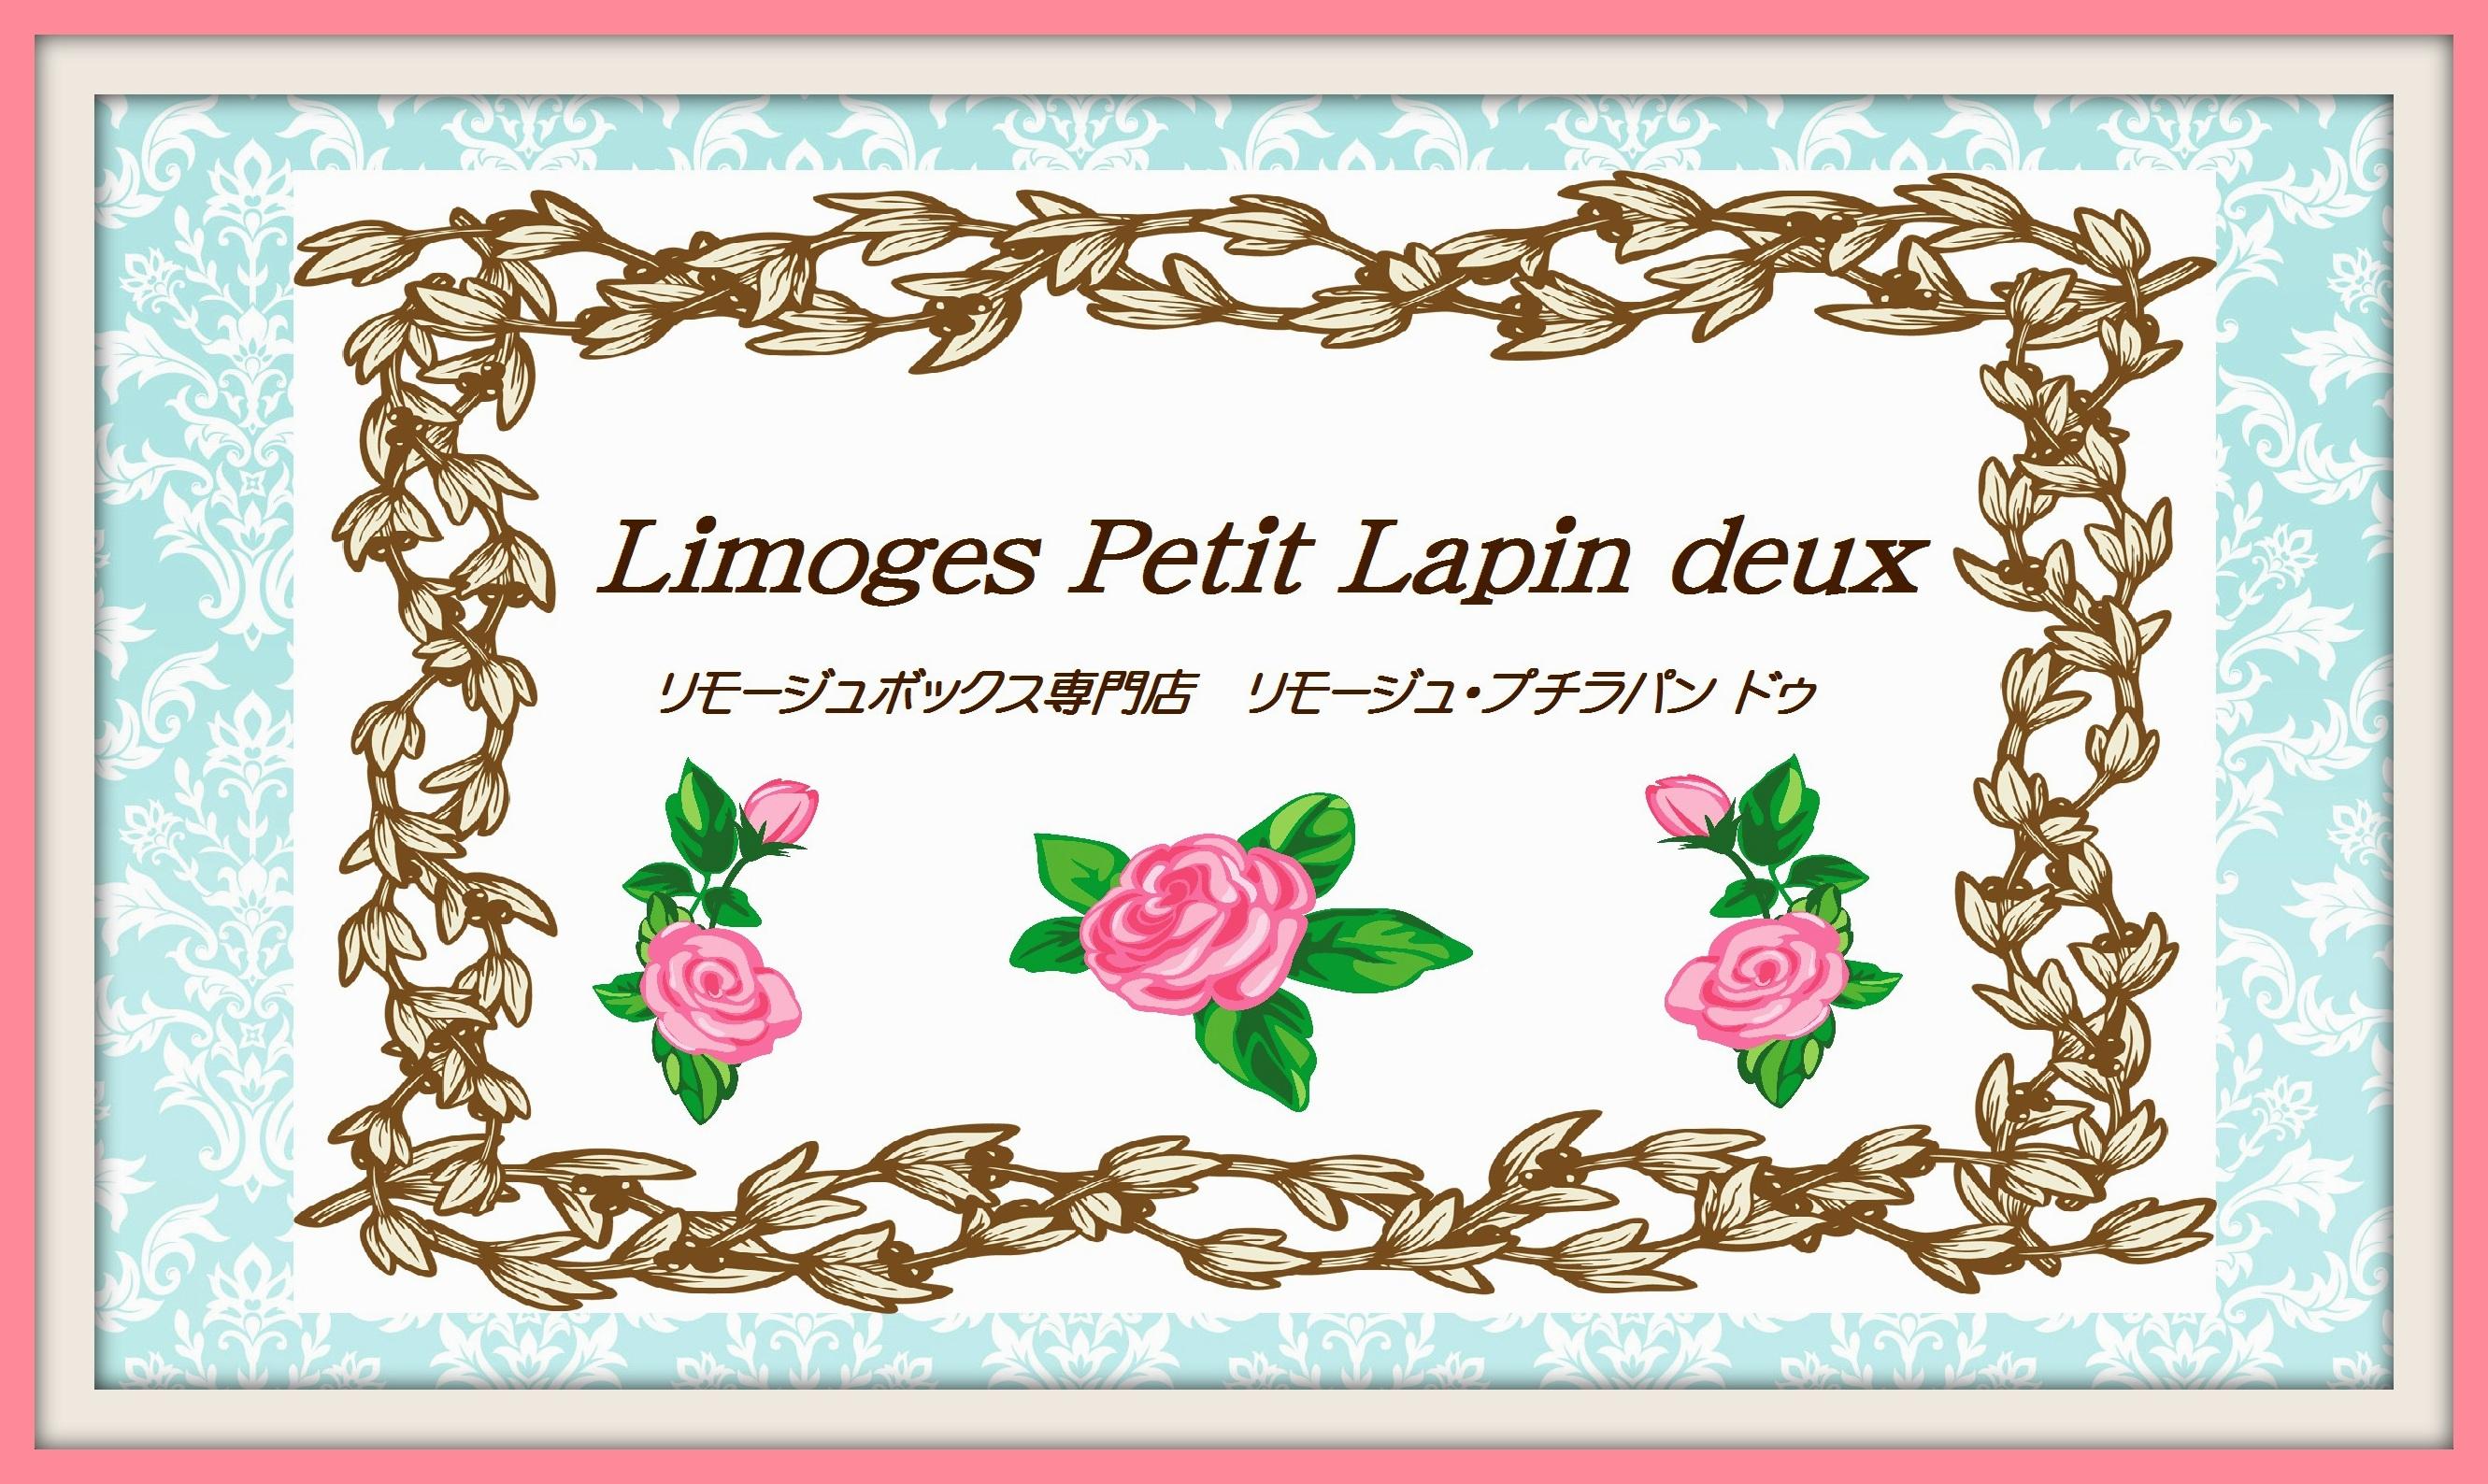 リモージュボックス専門店 Limoges Petit Lapin deux